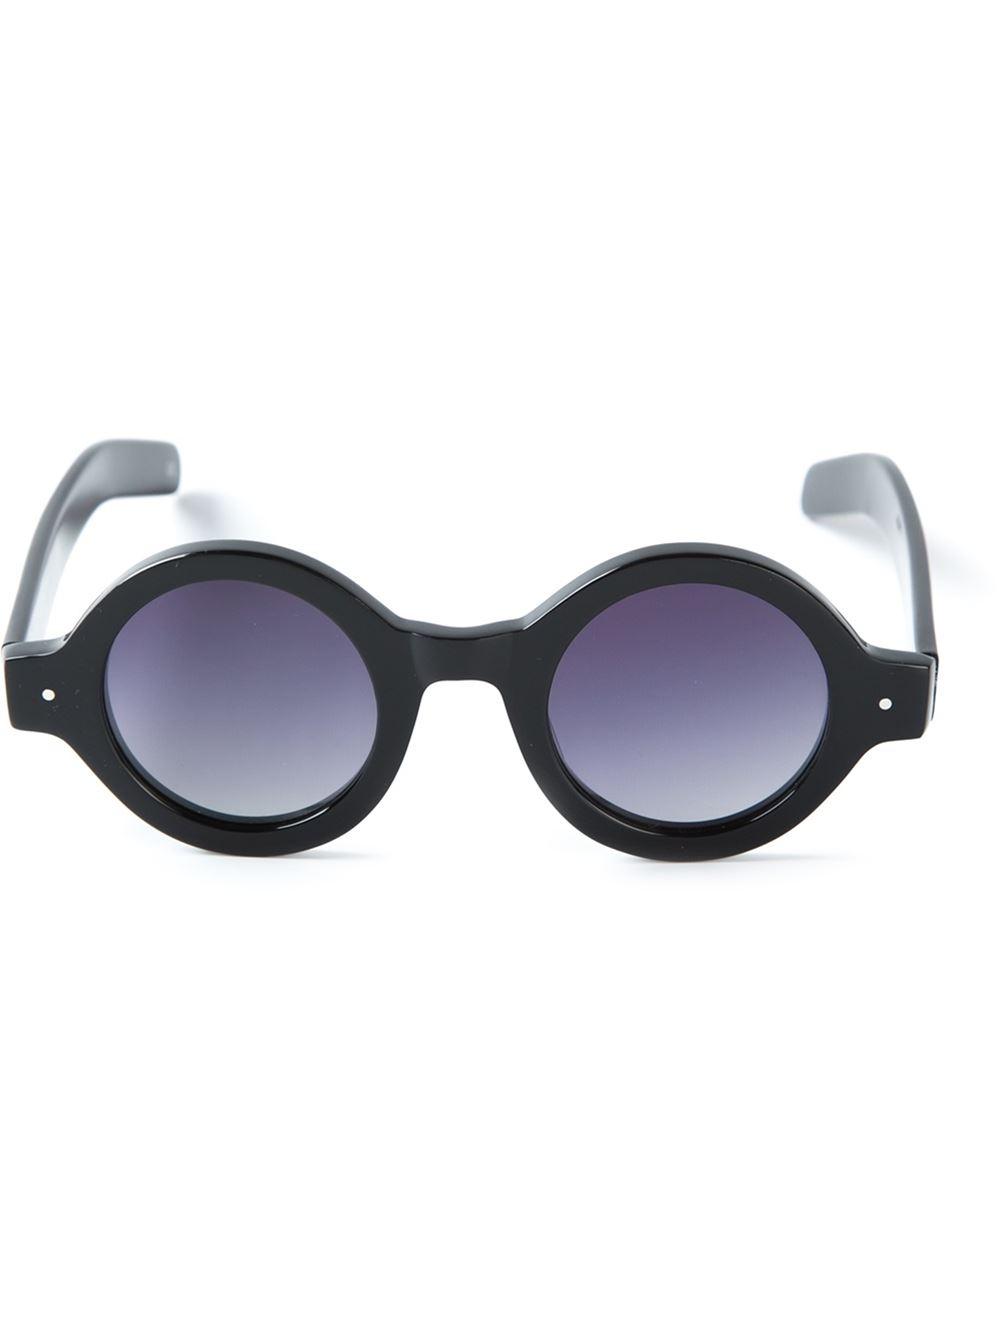 4f1bbfe66f5d Lyst - Minimarket Fish Eye Sunglasses in Black